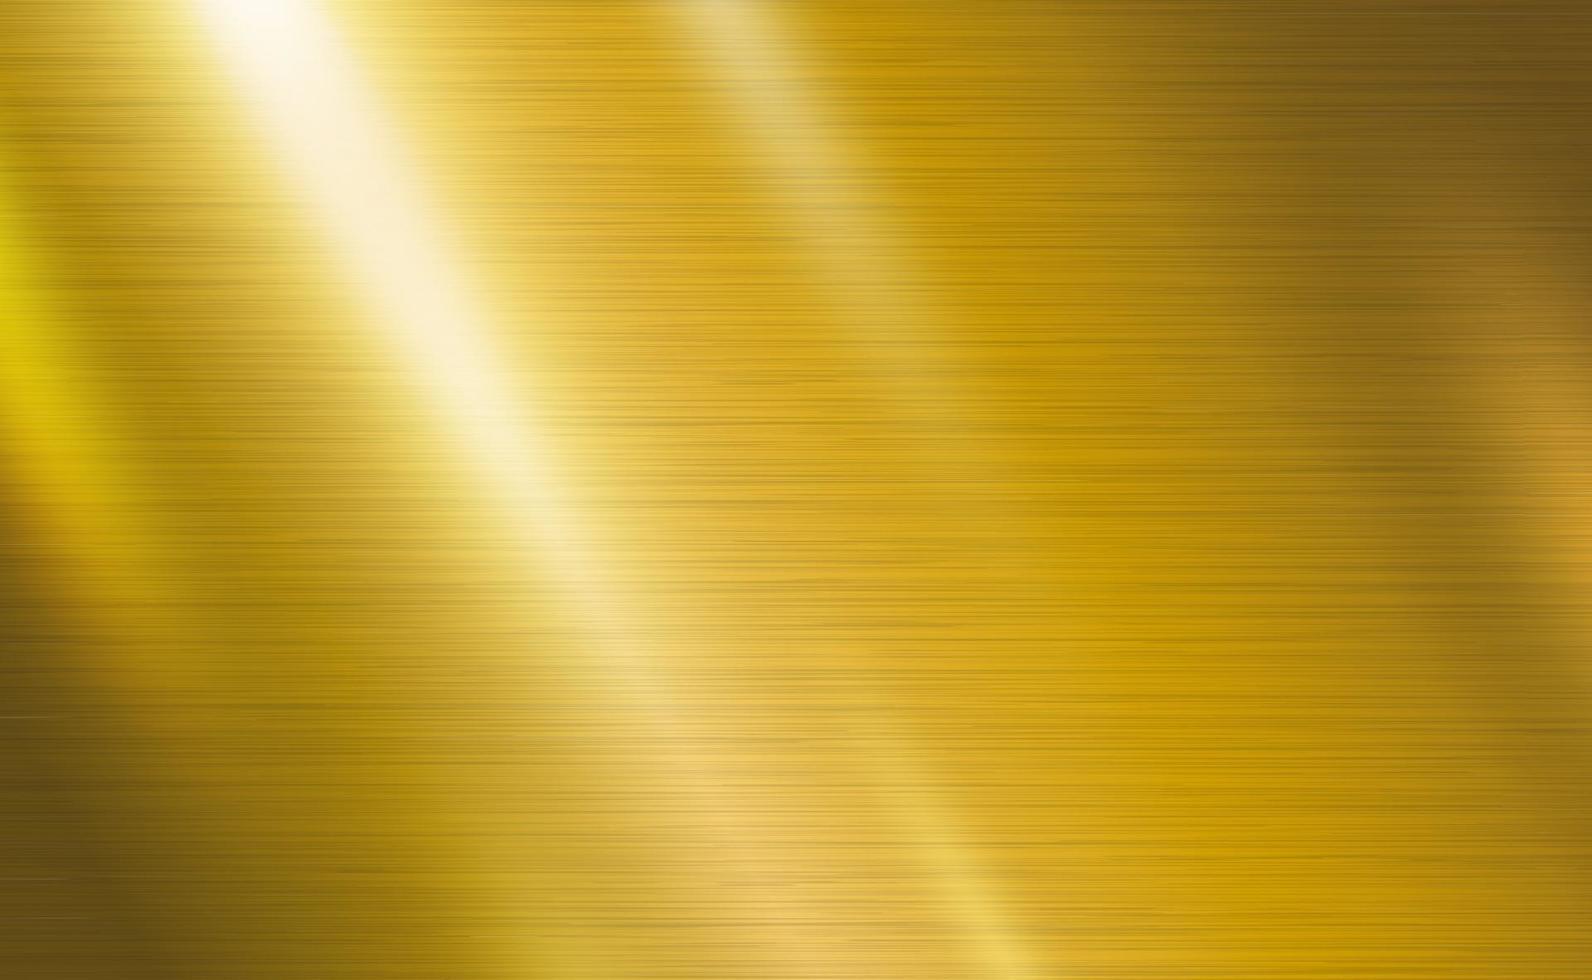 ilustração vetorial de fundo de textura de metal dourado vetor